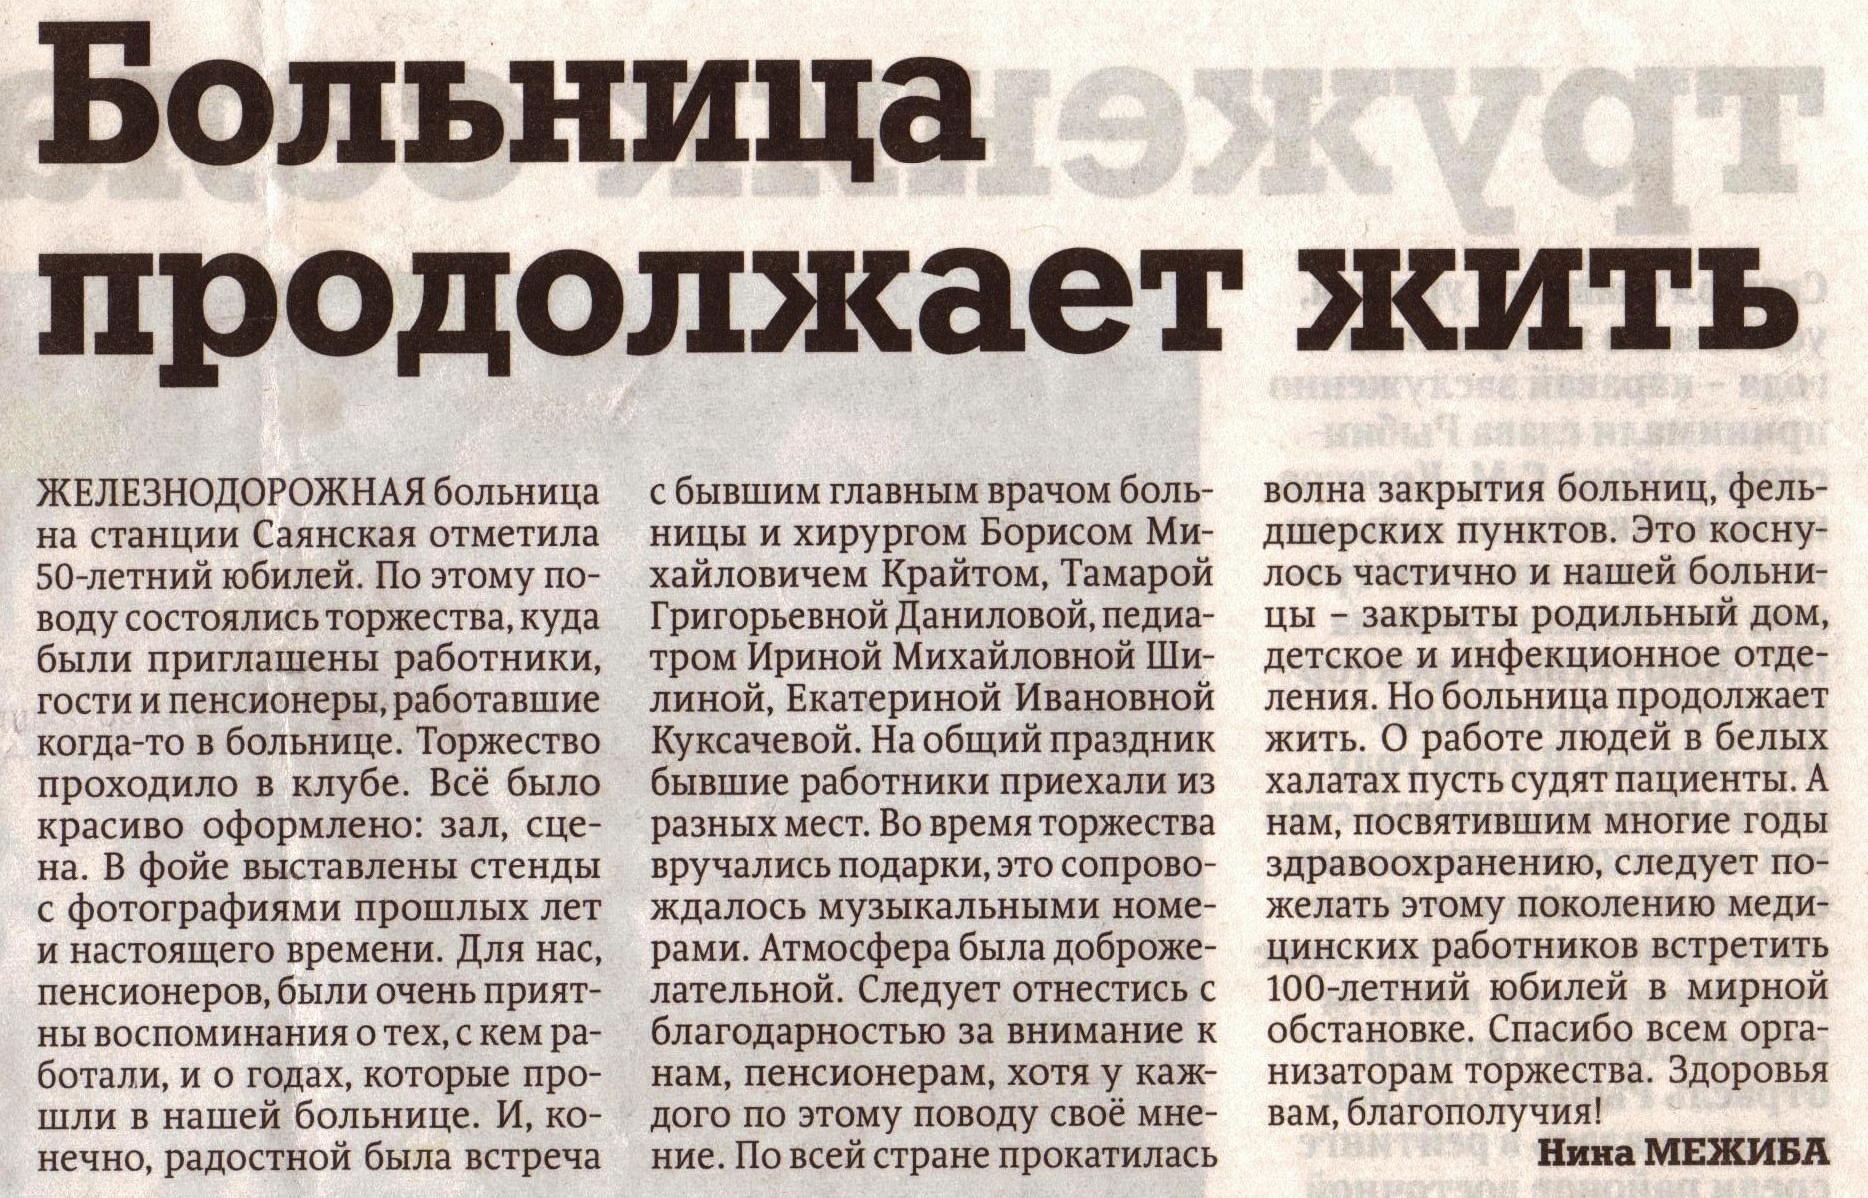 """Статья в газете """"Голос времени"""" за 2014 год"""